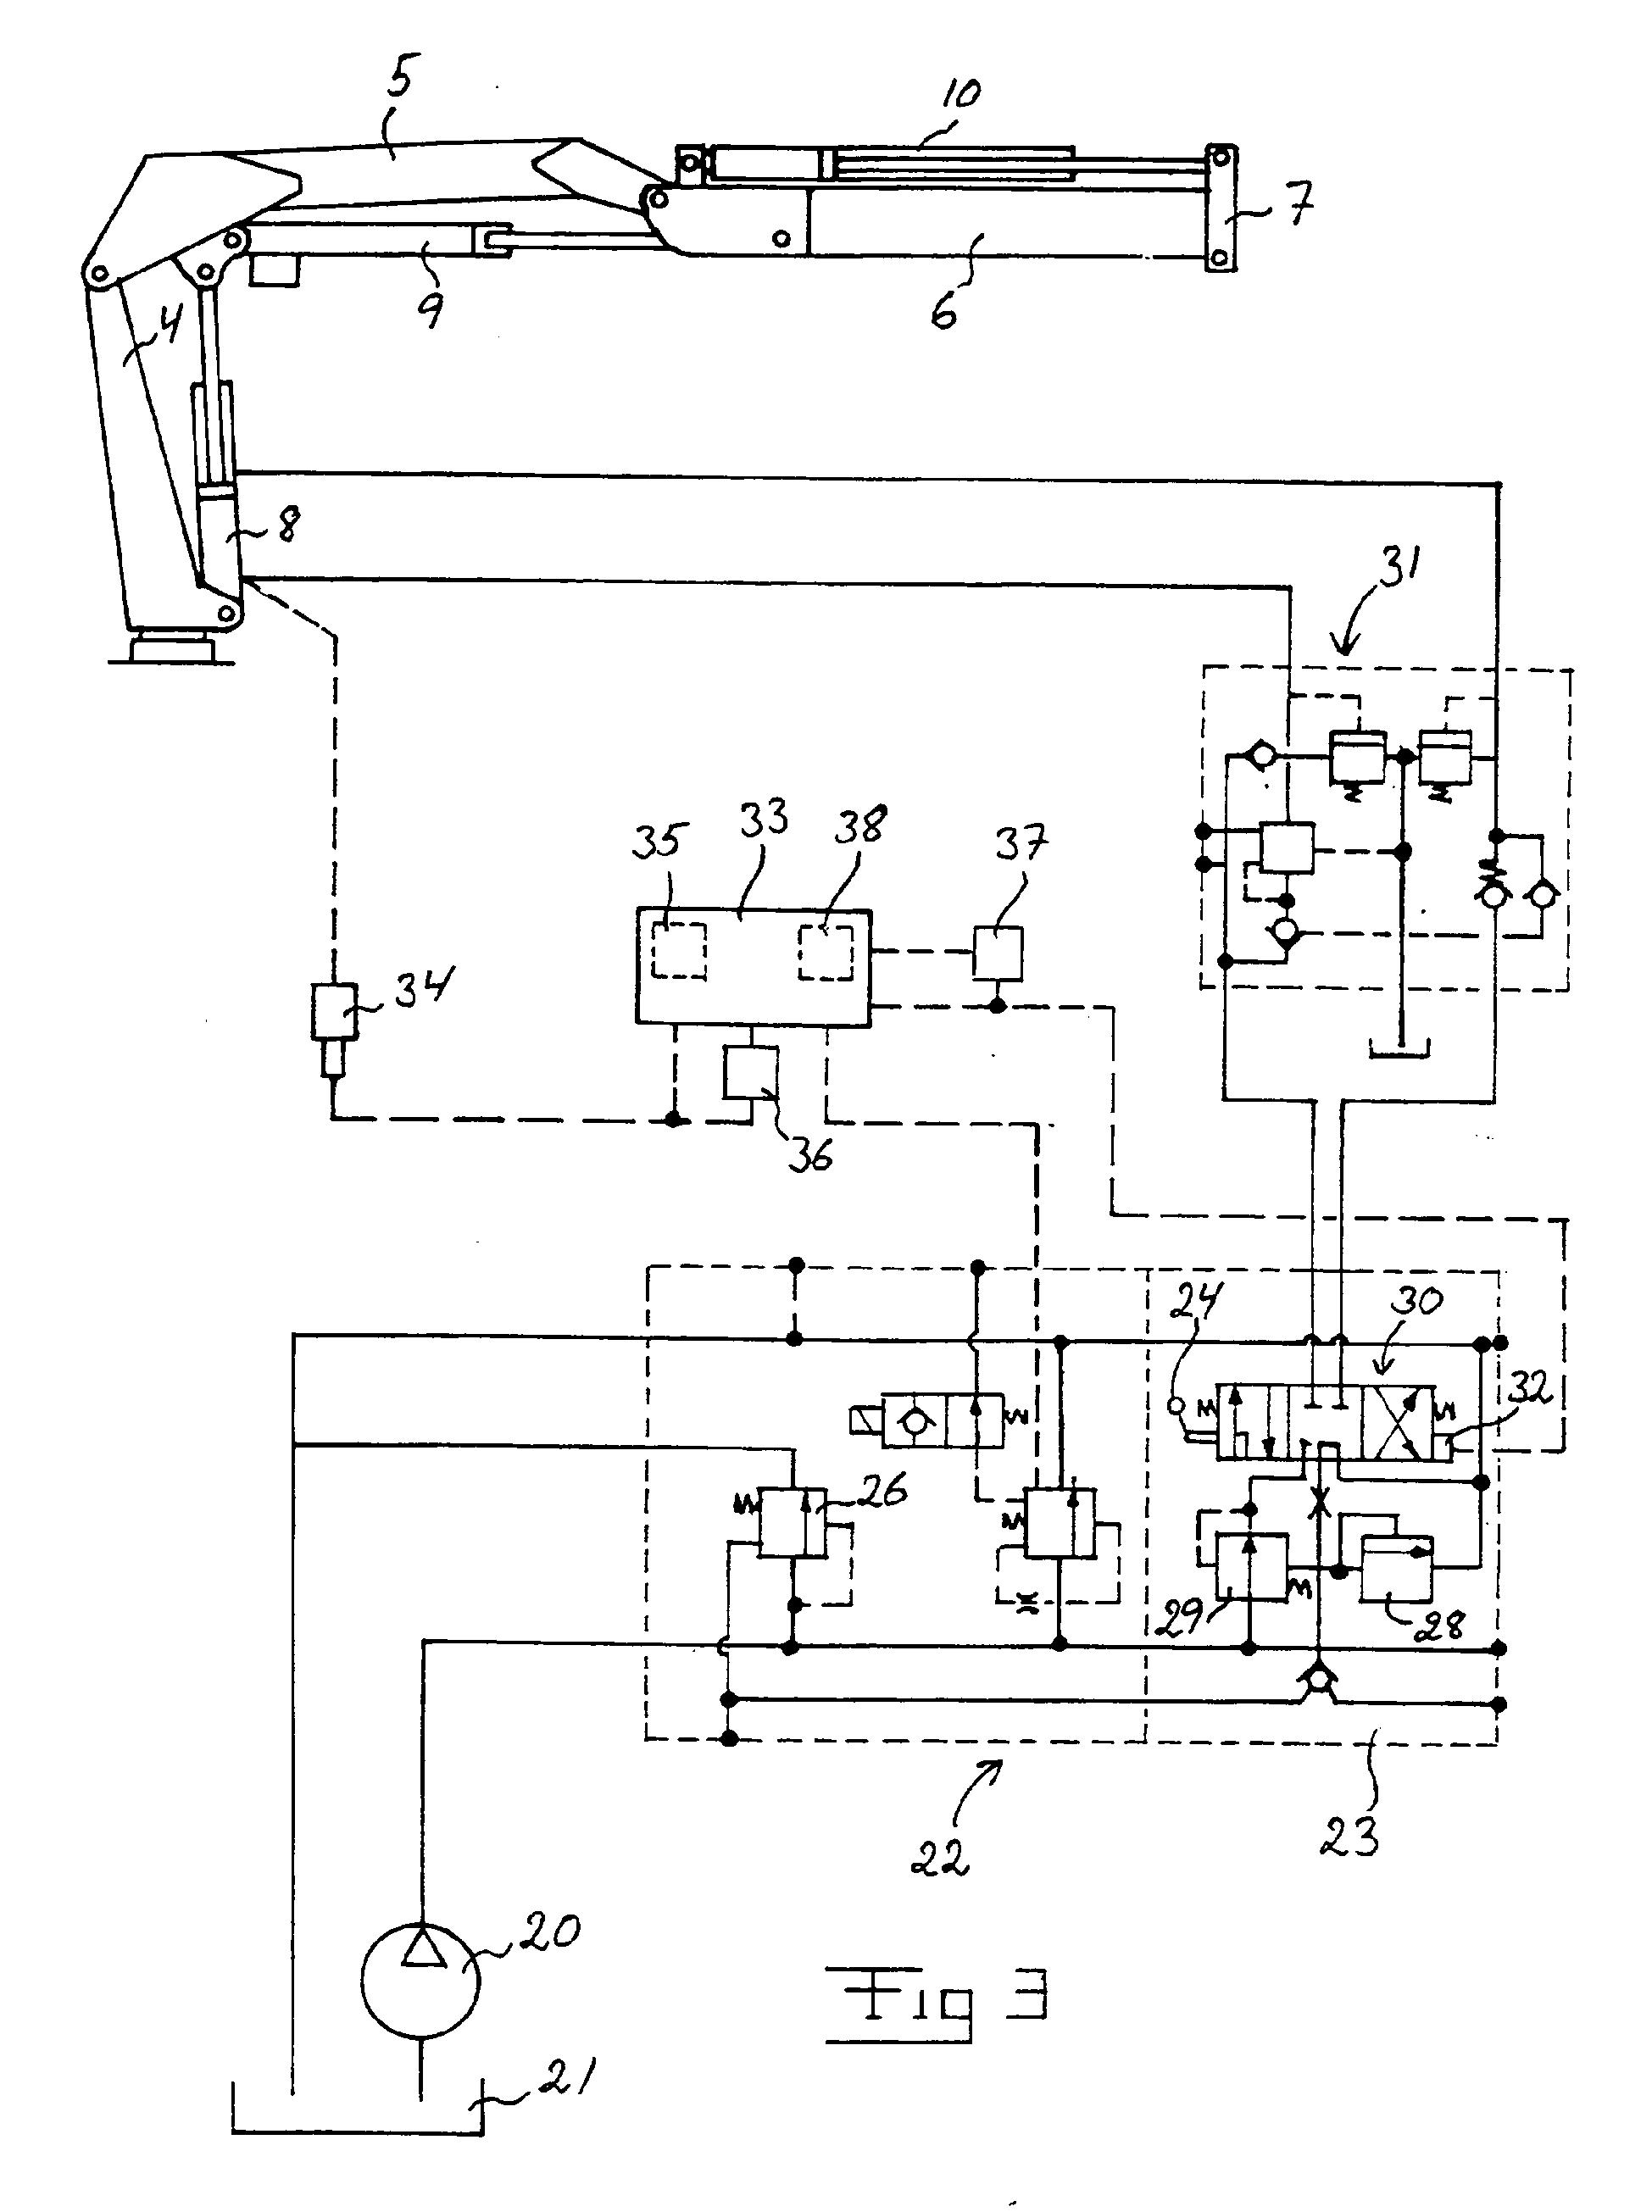 wiring diagram hydraulic schematics for hiab zepro moffett kobelco crane all shop manual